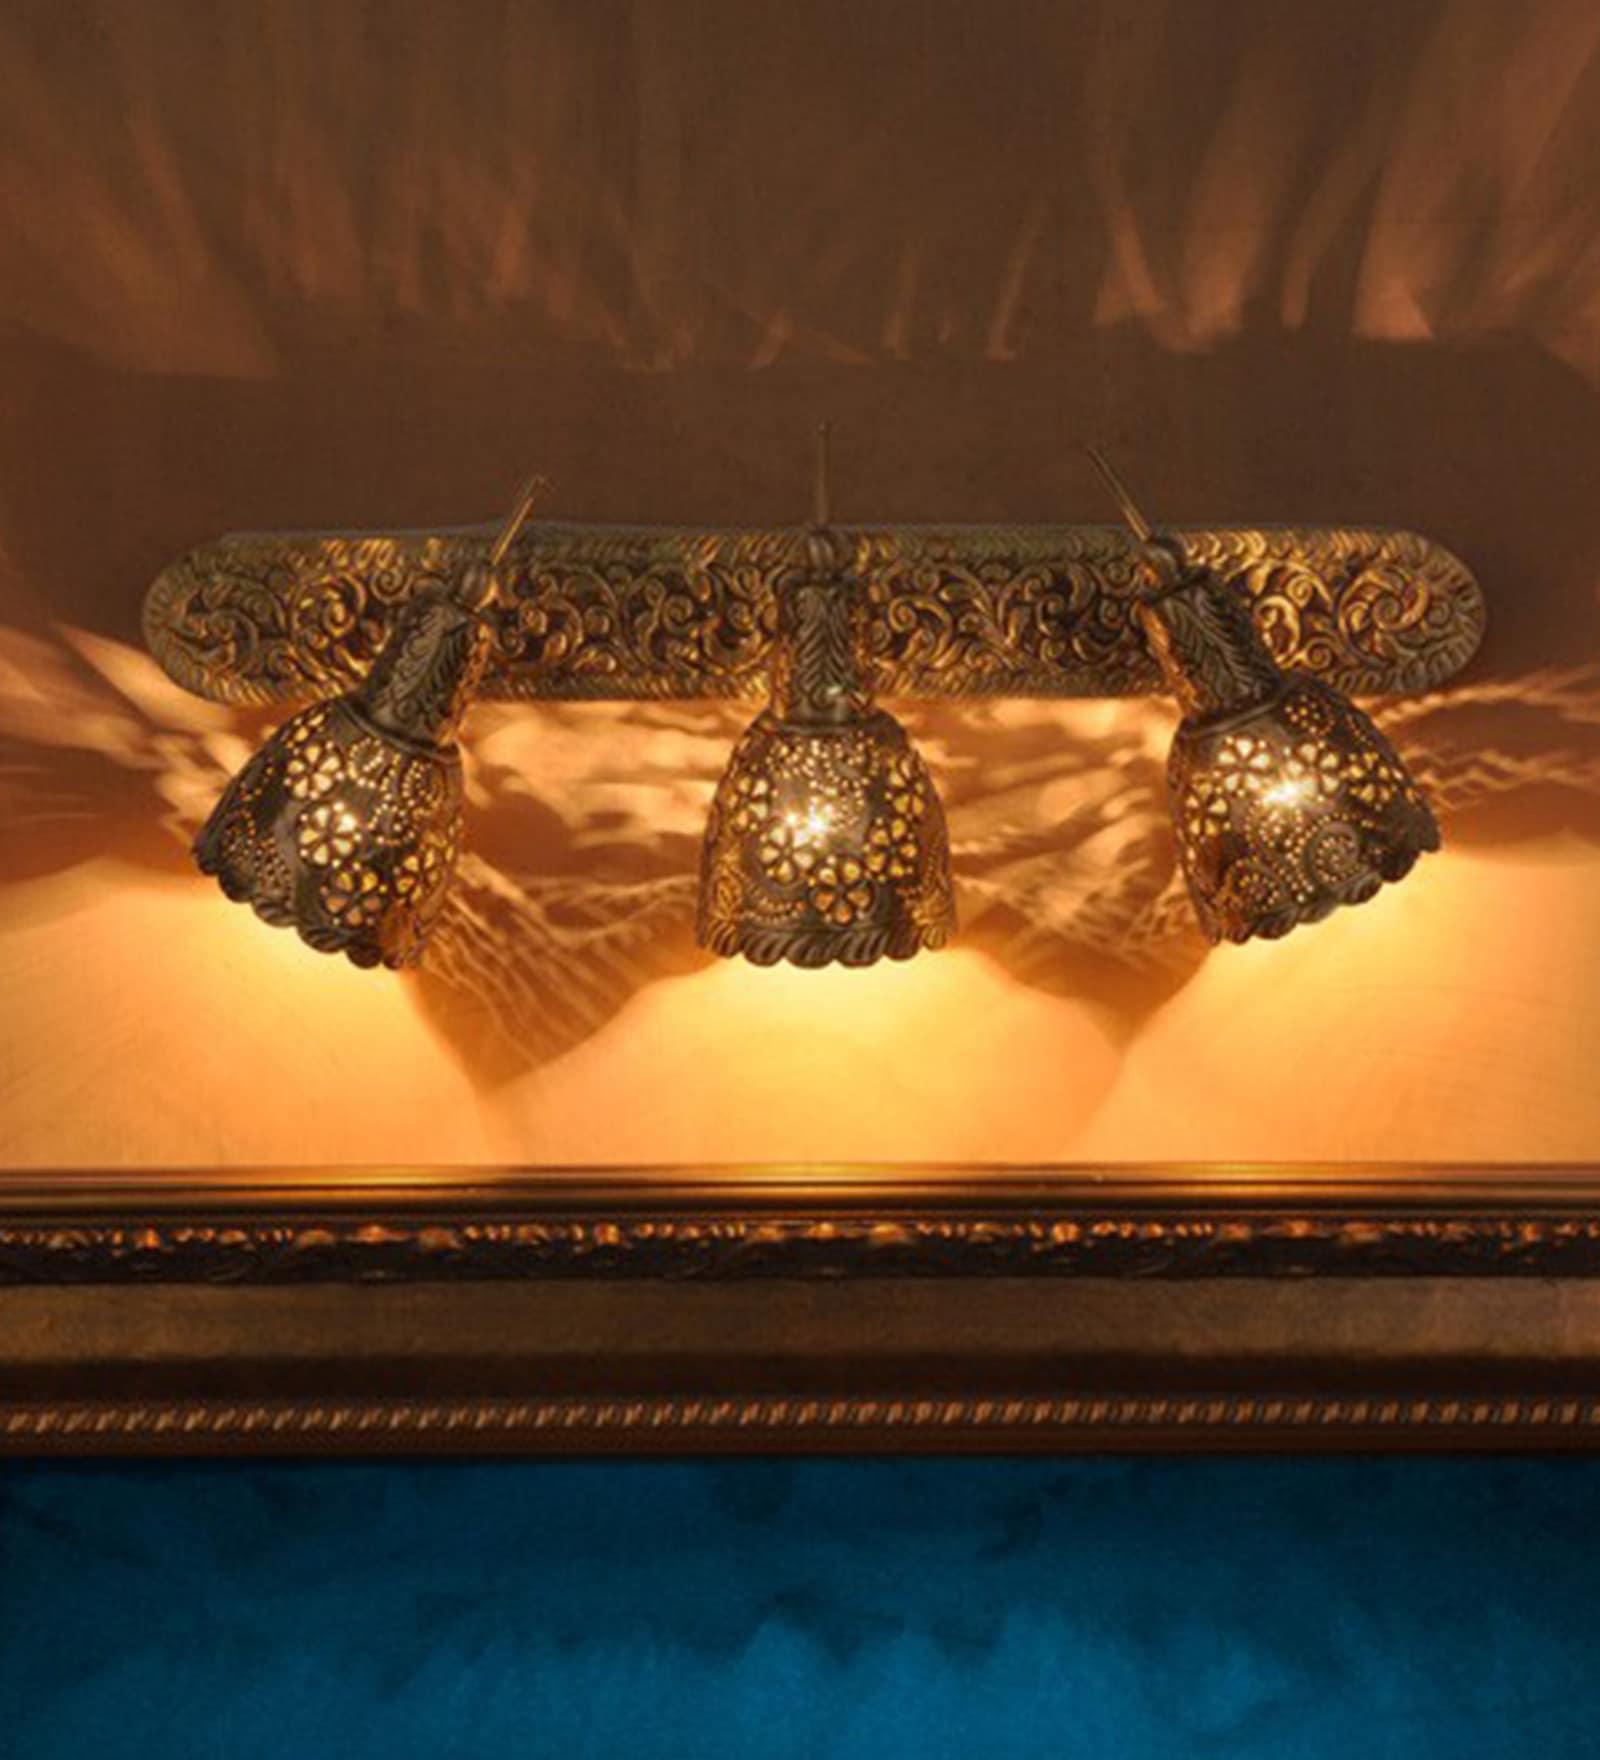 Antique Gold Brass Spot Light by Fos Lighting